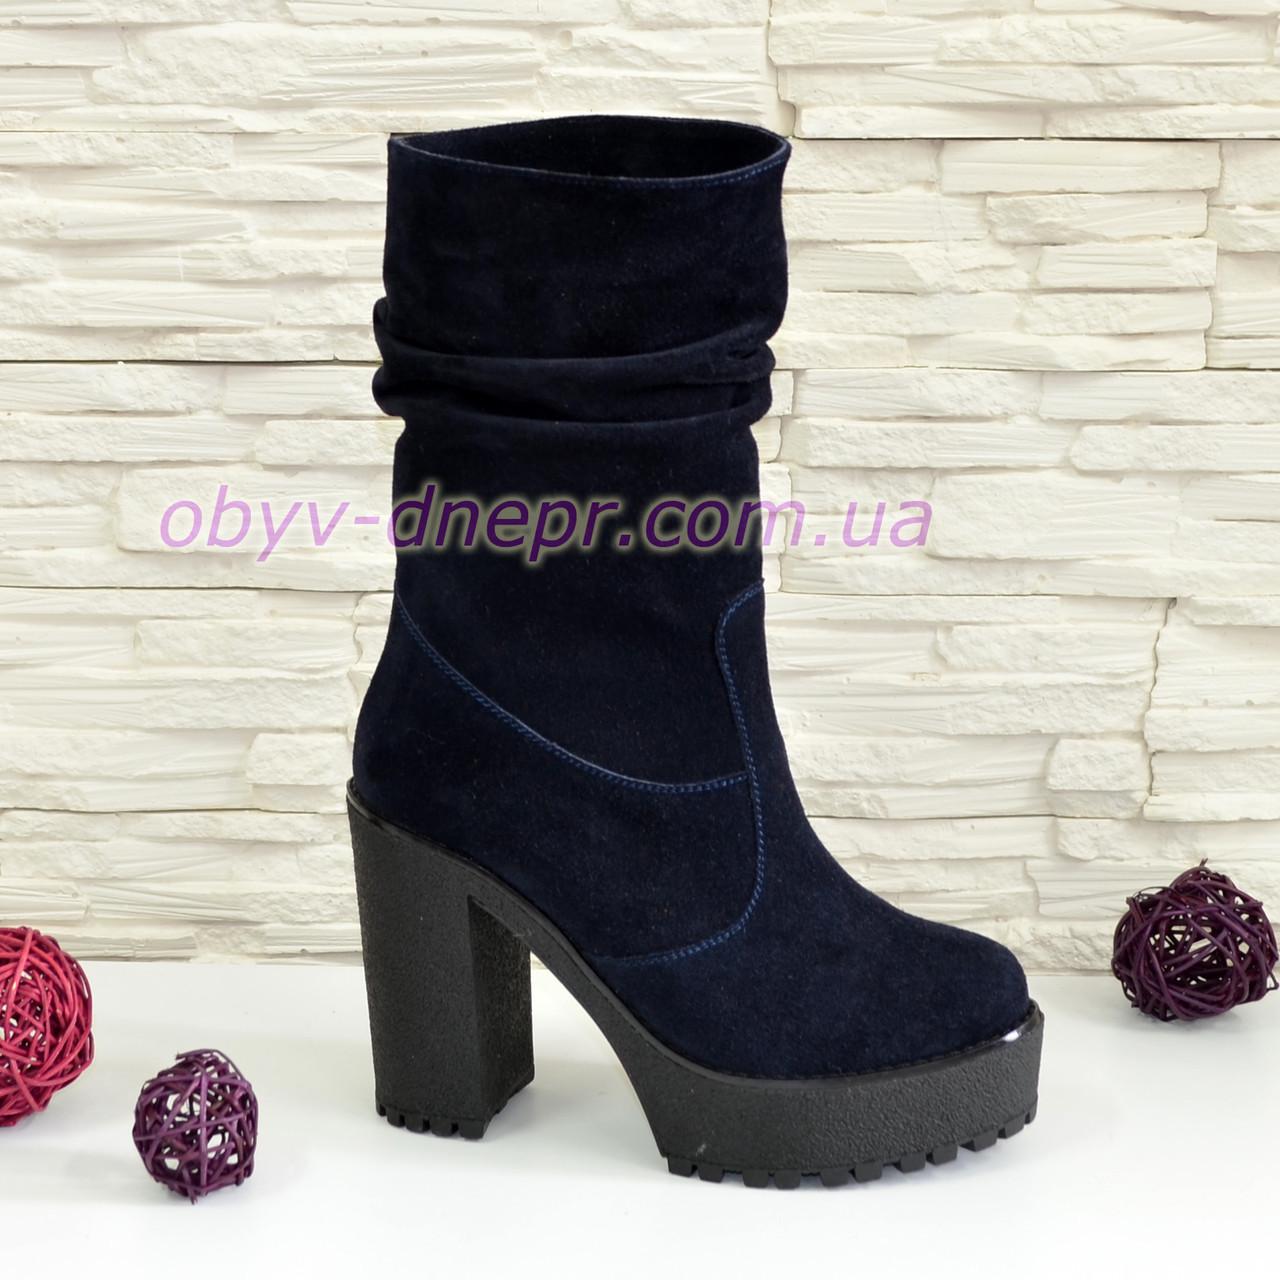 Ботинки замшевые зимние на высоком каблуке, цвет синий.